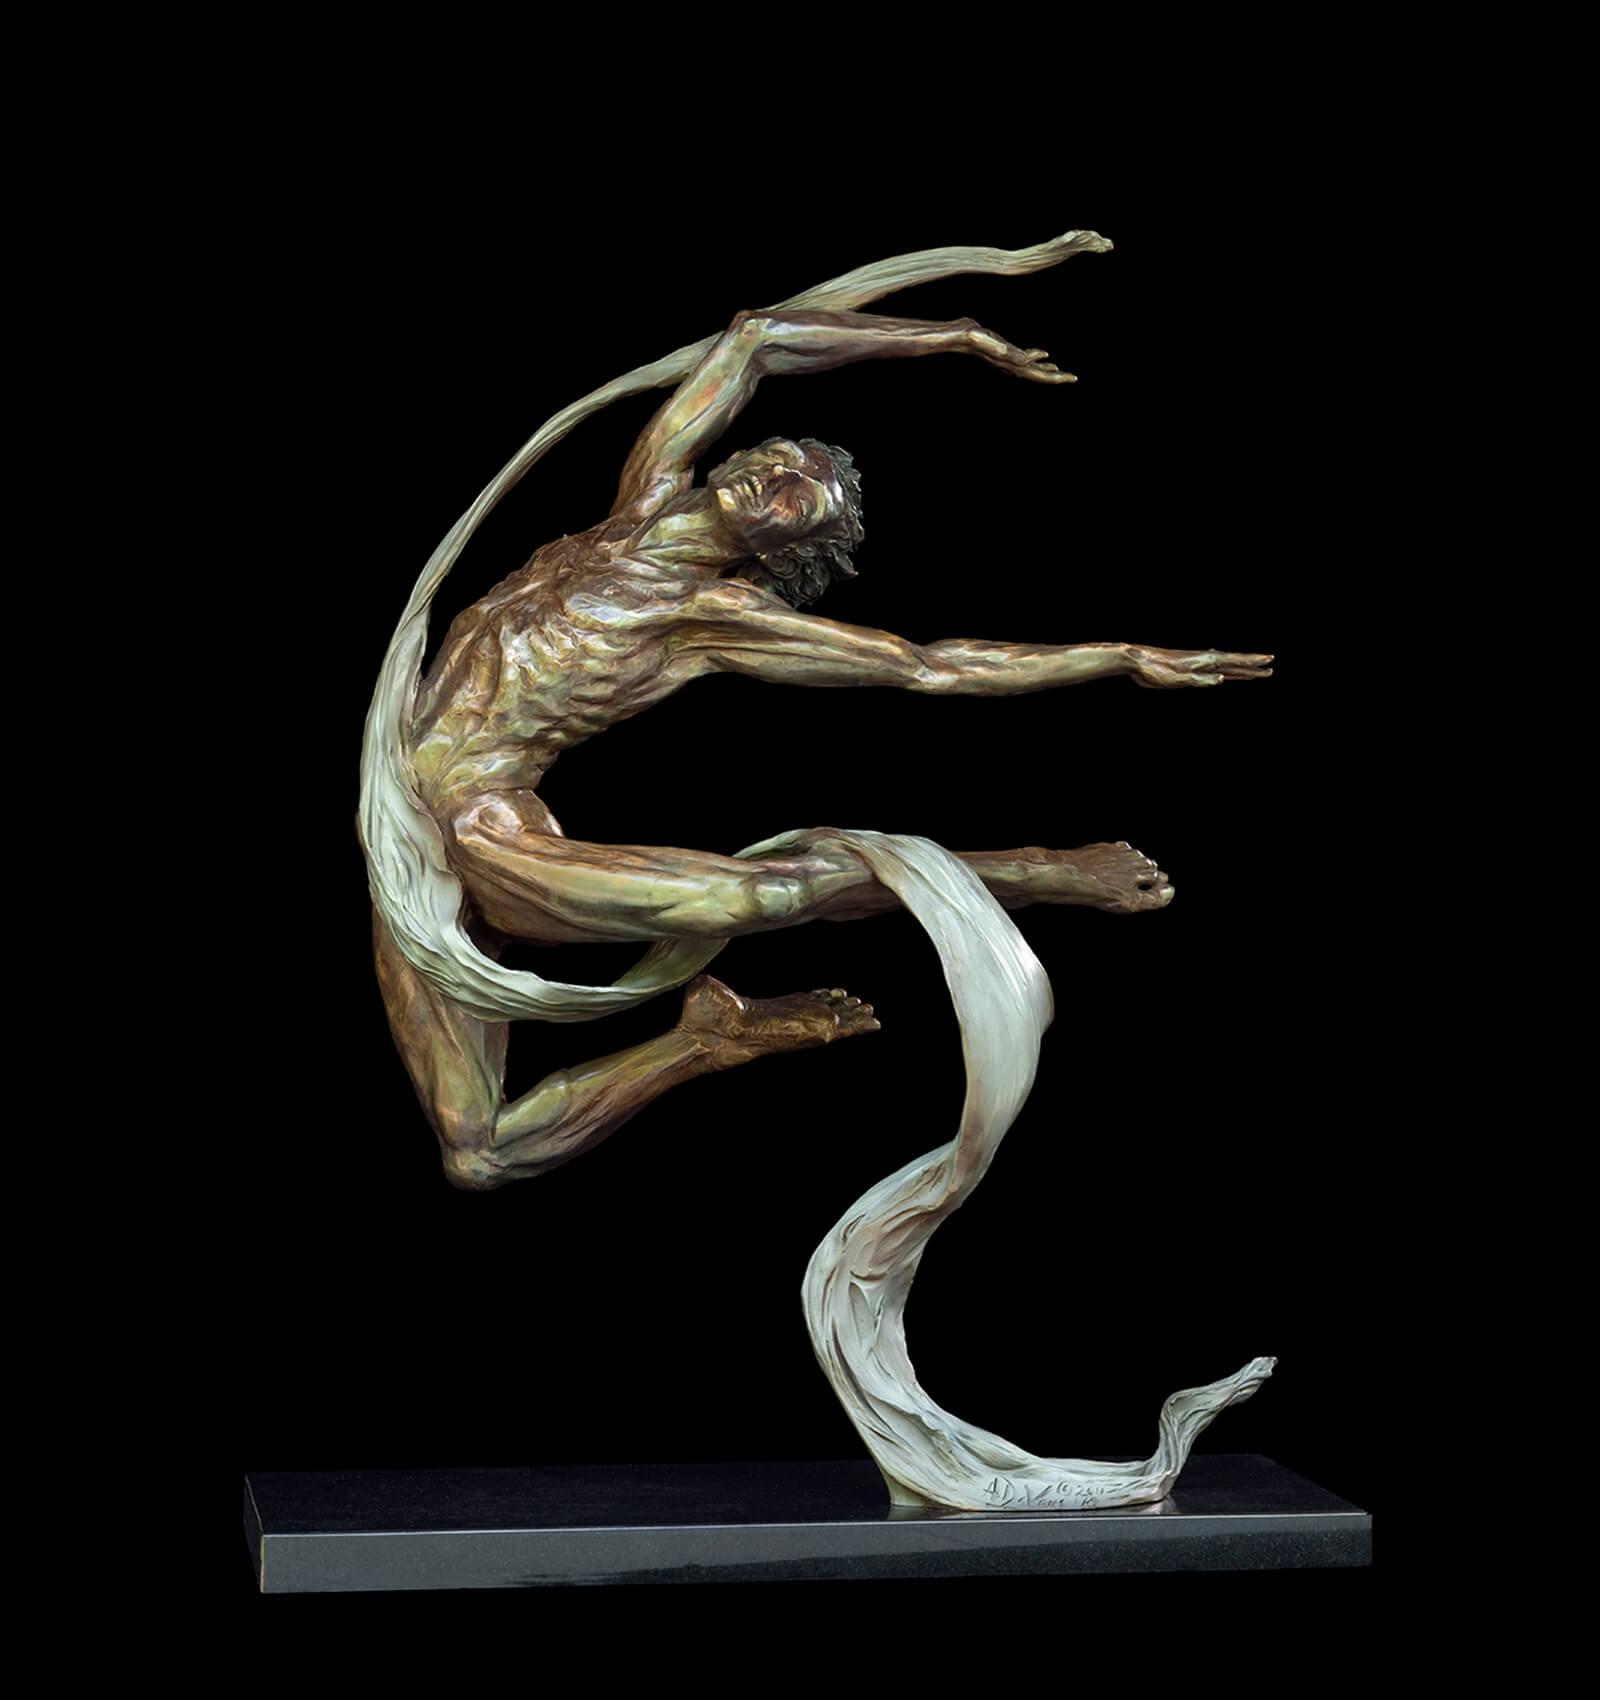 Andrew DeVries